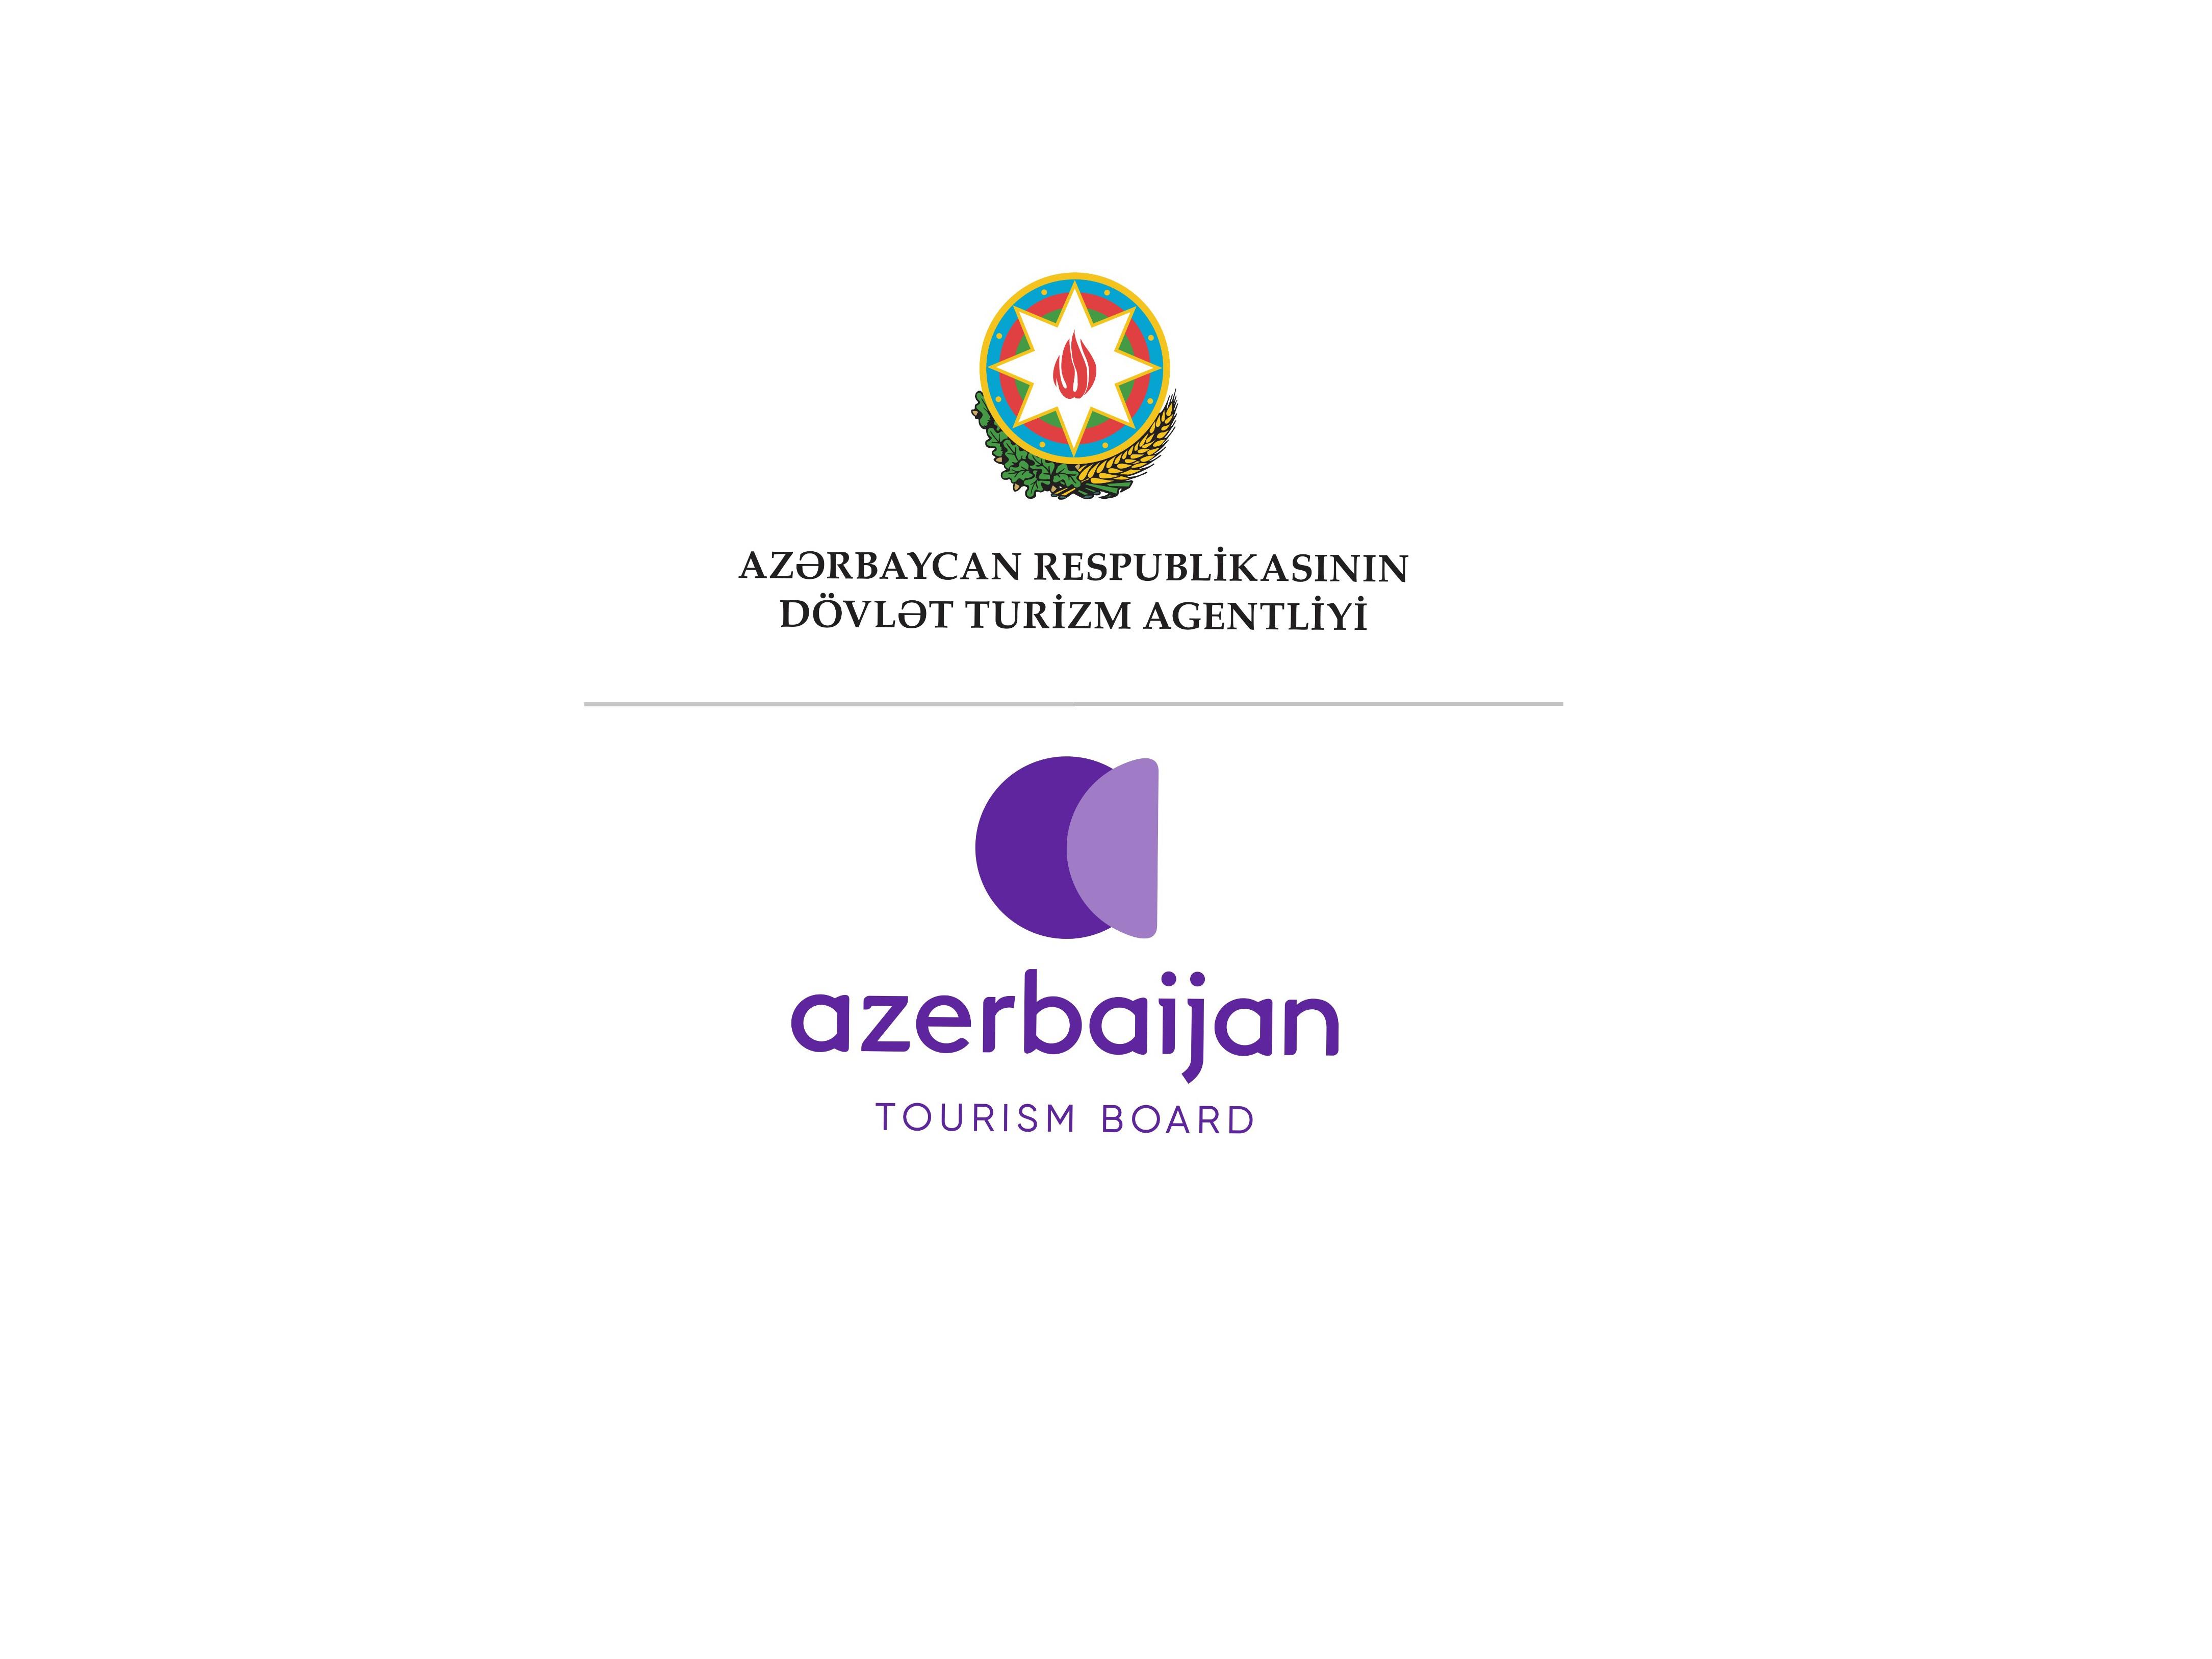 >Azərbaycan Turizm Bürosu Ermənistanın Azərbaycana növbəti təcavüzü ilə bağlı xarici tərəfdaşlara müraciət ünvanladı